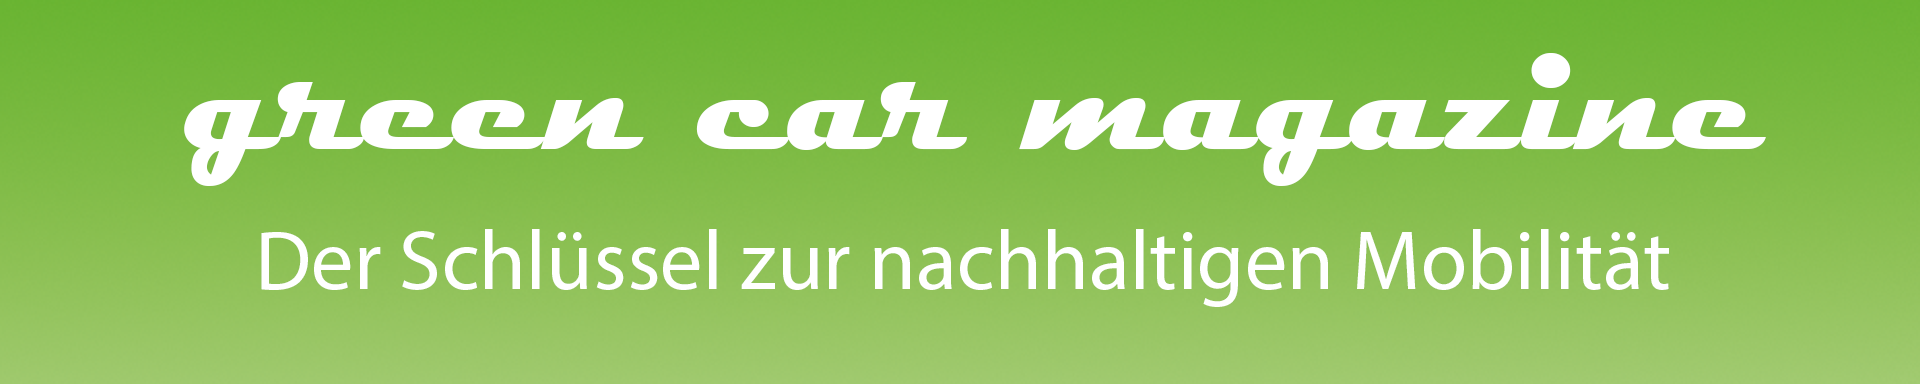 green car magazine – Der Schlüssel zur nachhaltigen Mobilität